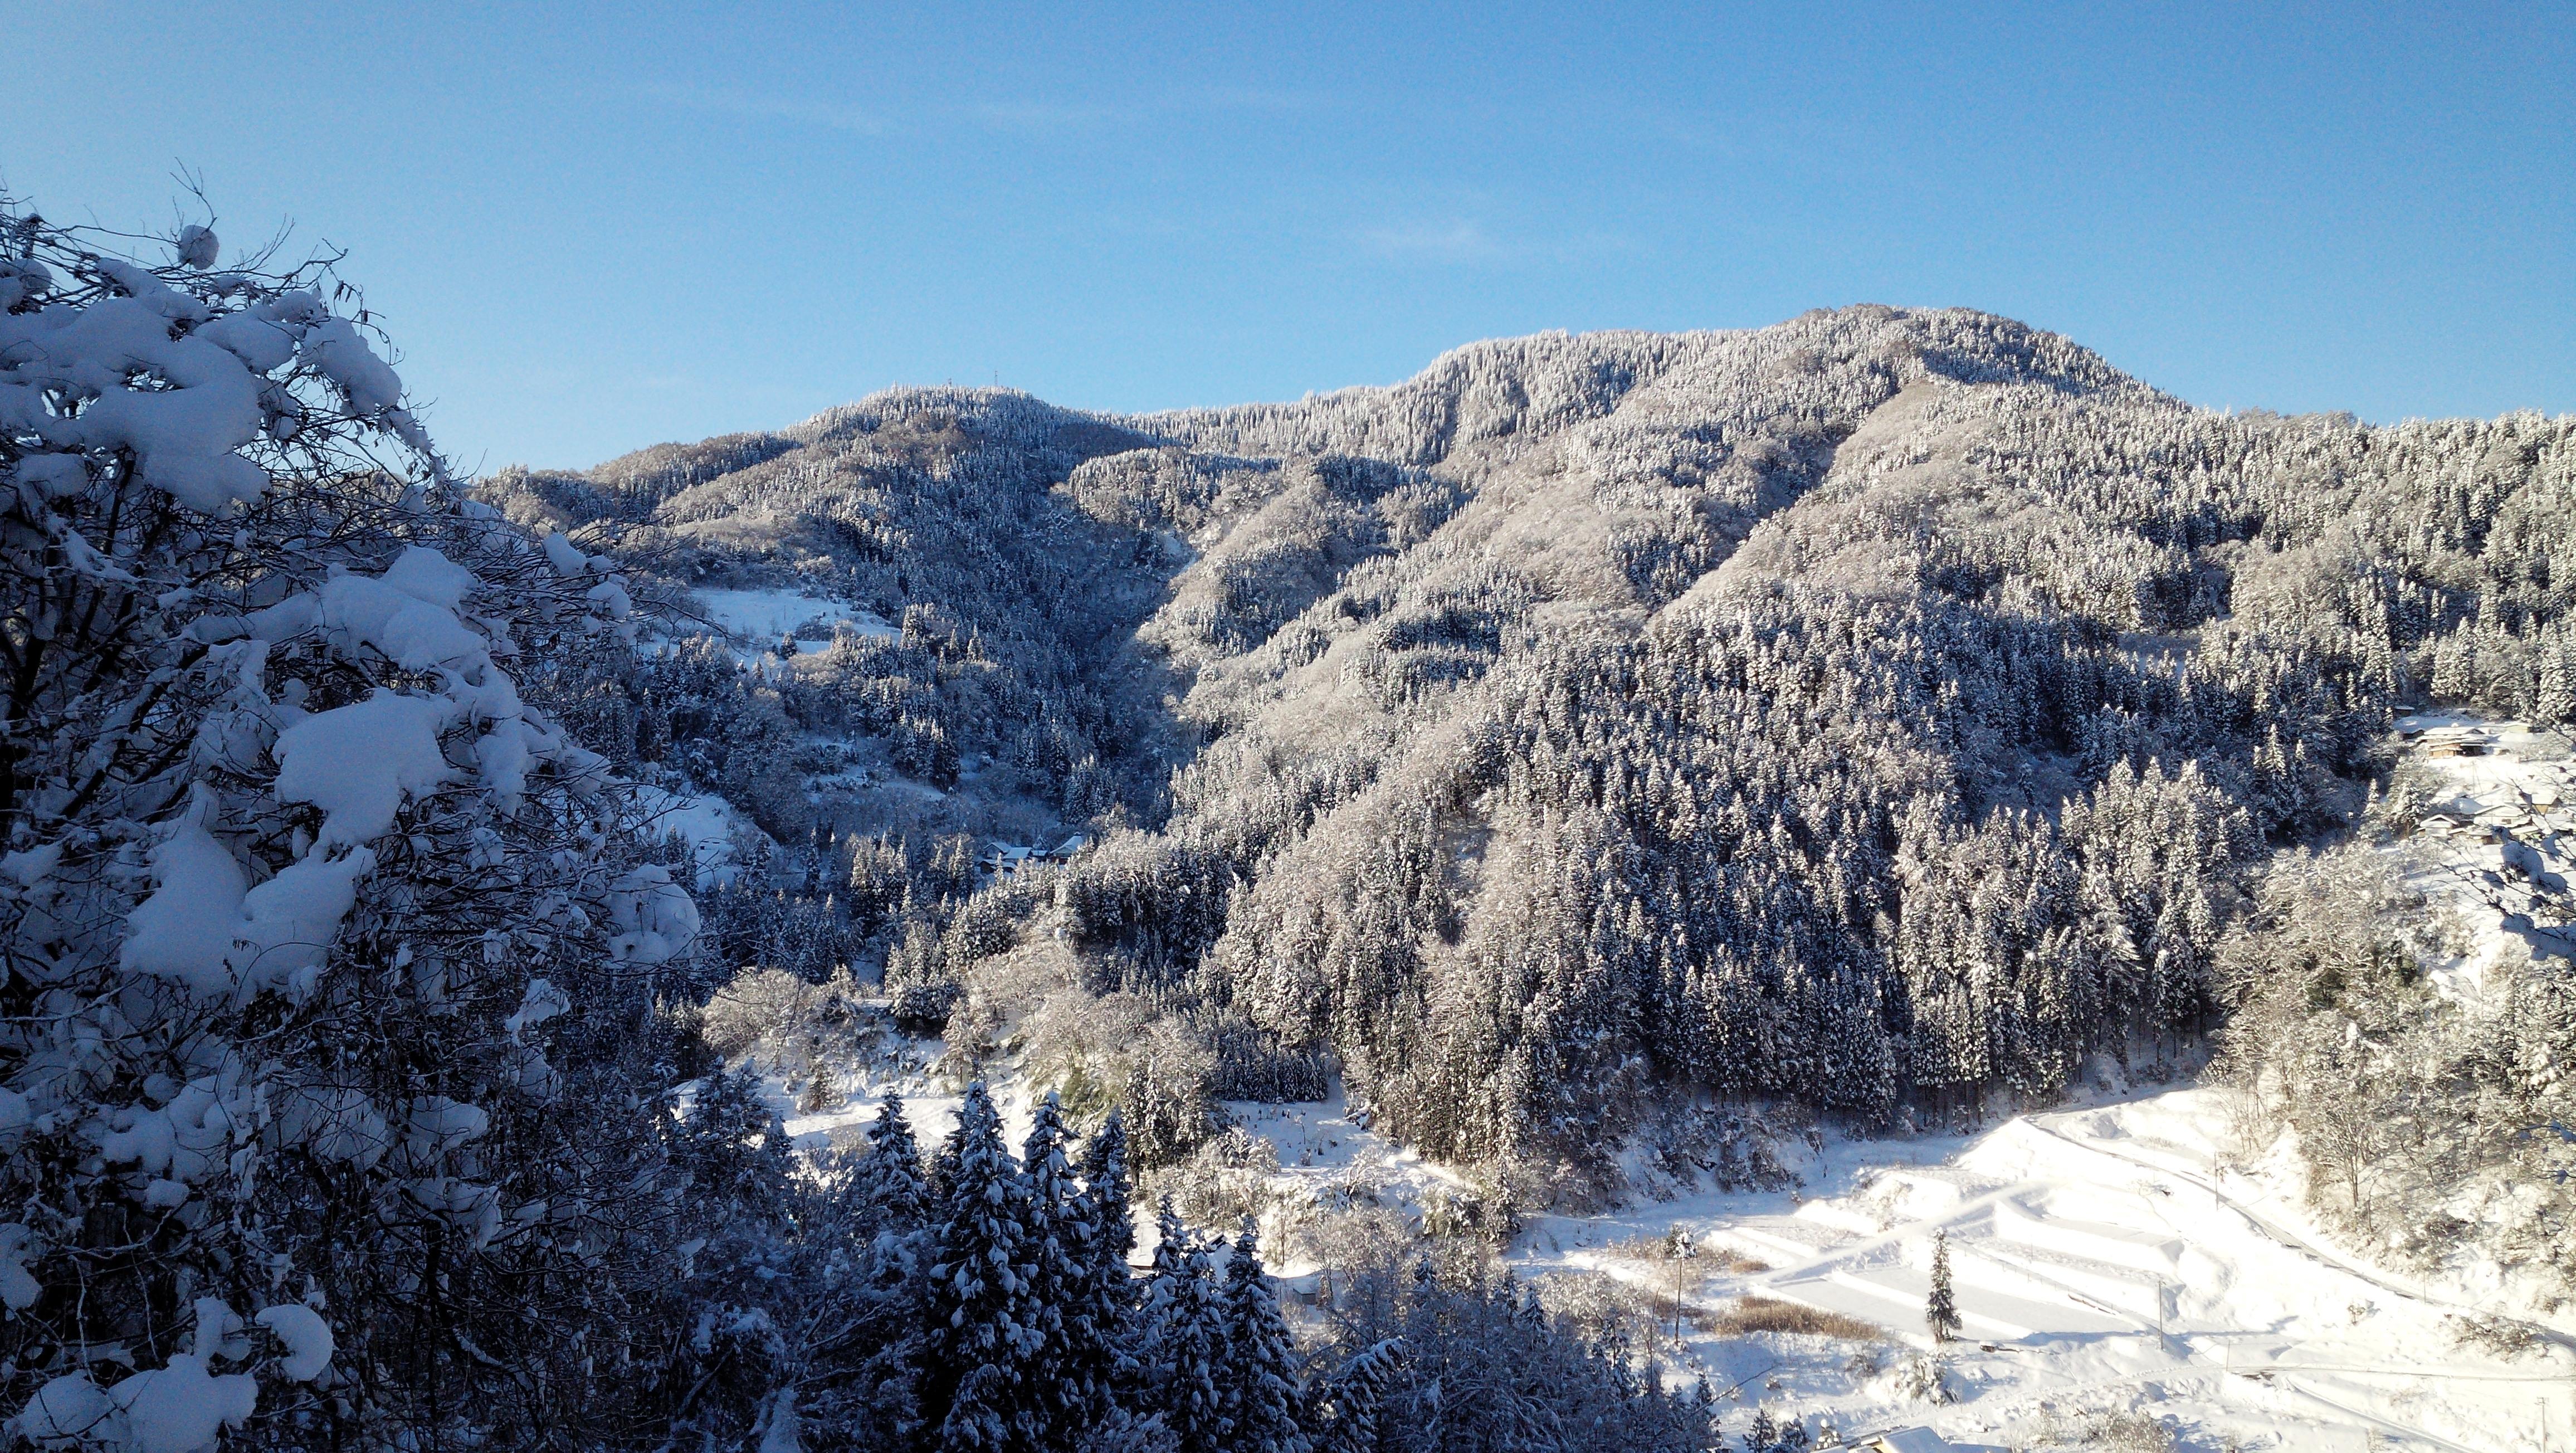 nobushina冬